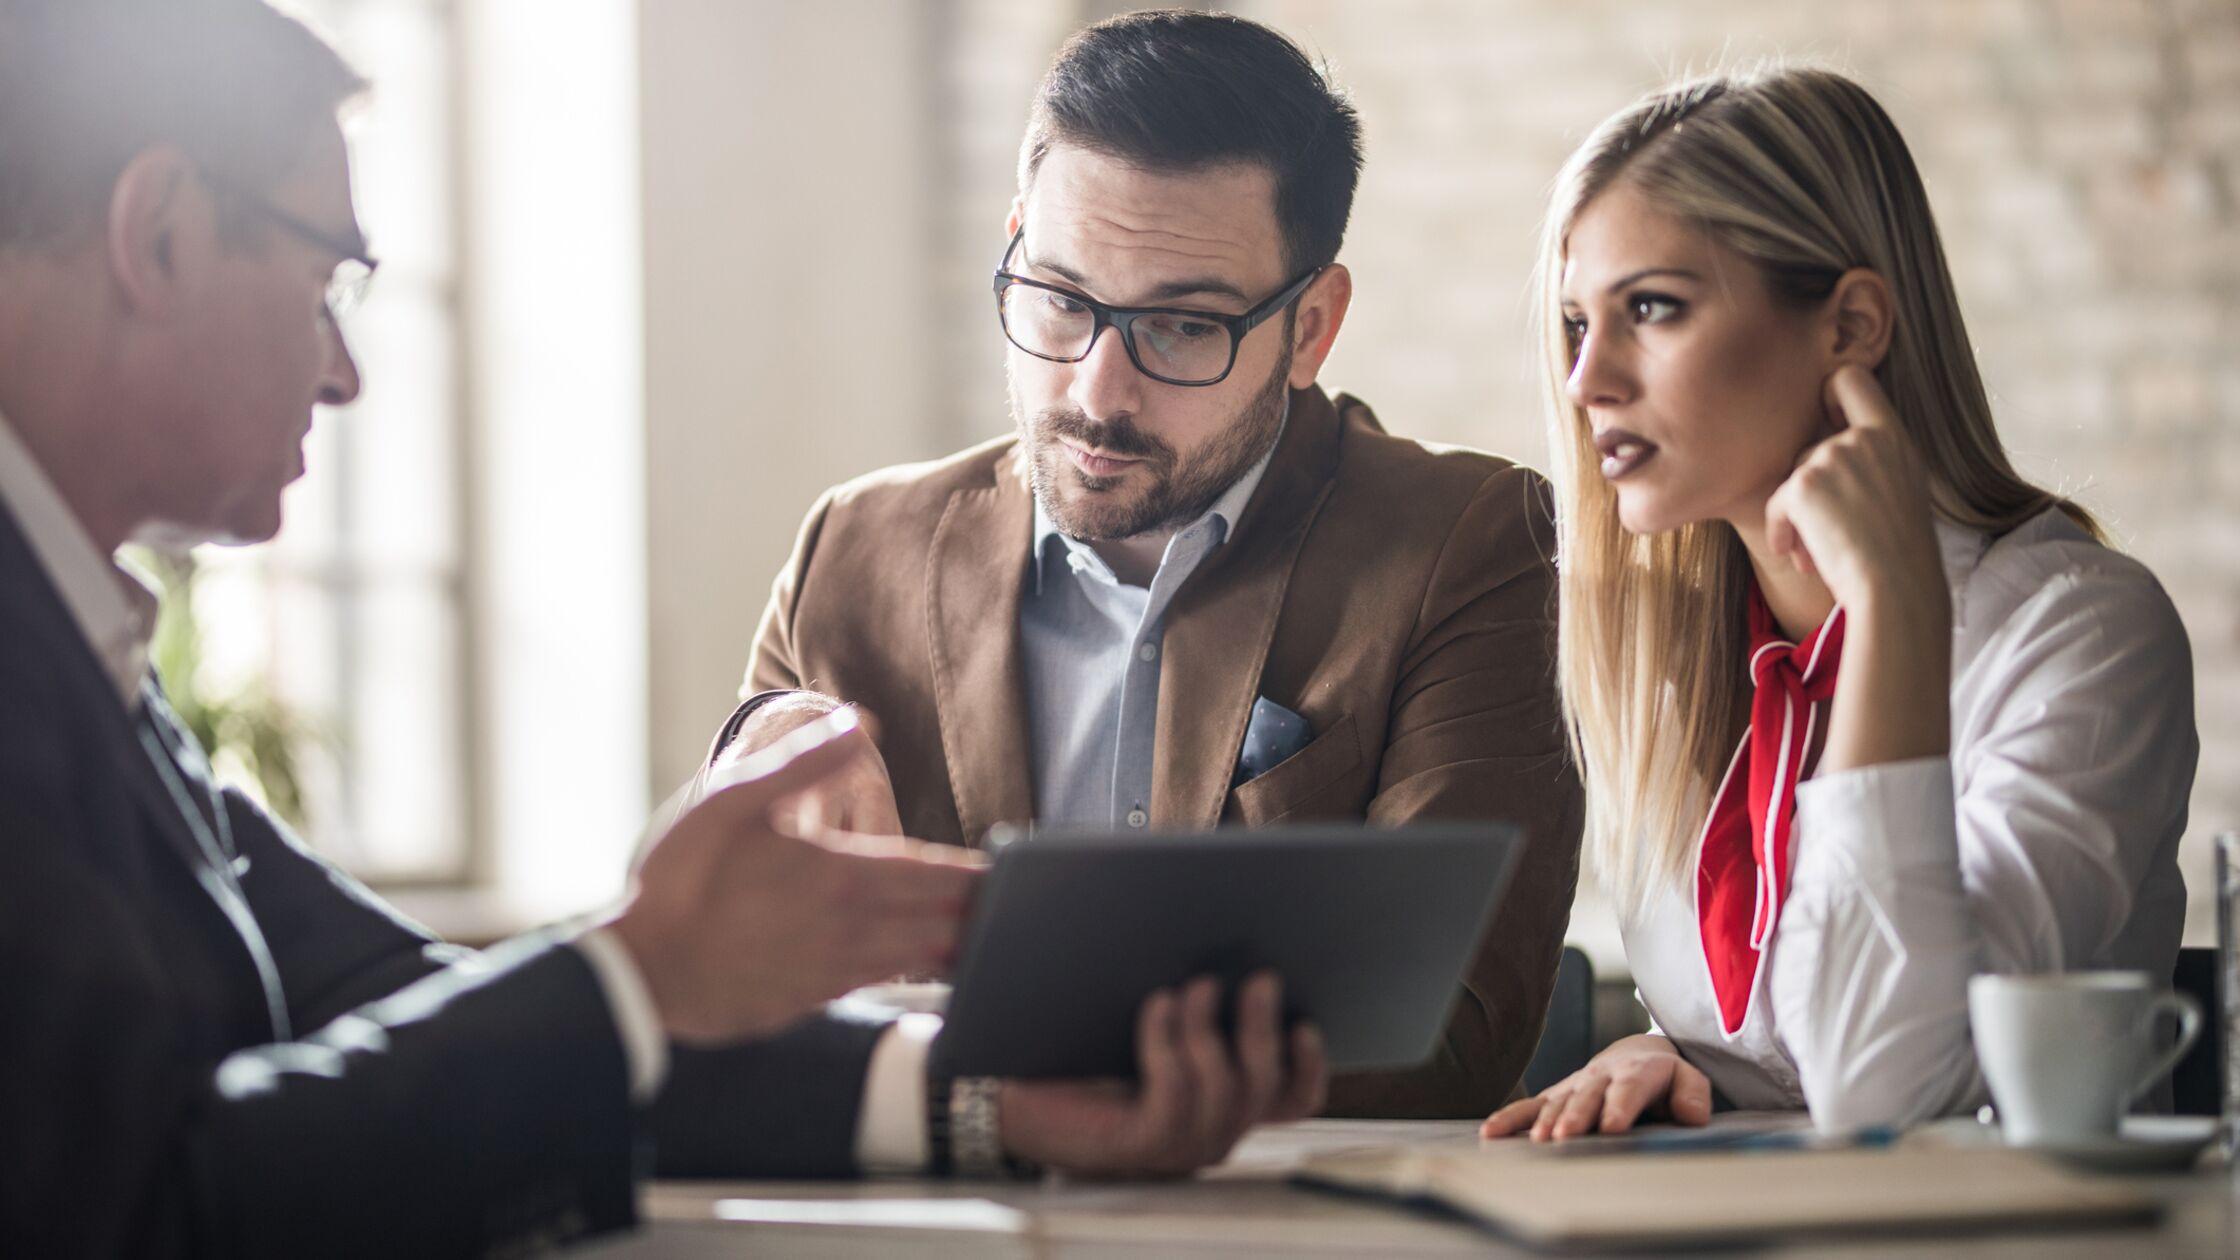 Junges Paar schaut skeptisch auf das Tablet, das ein Mann im Anzug hält